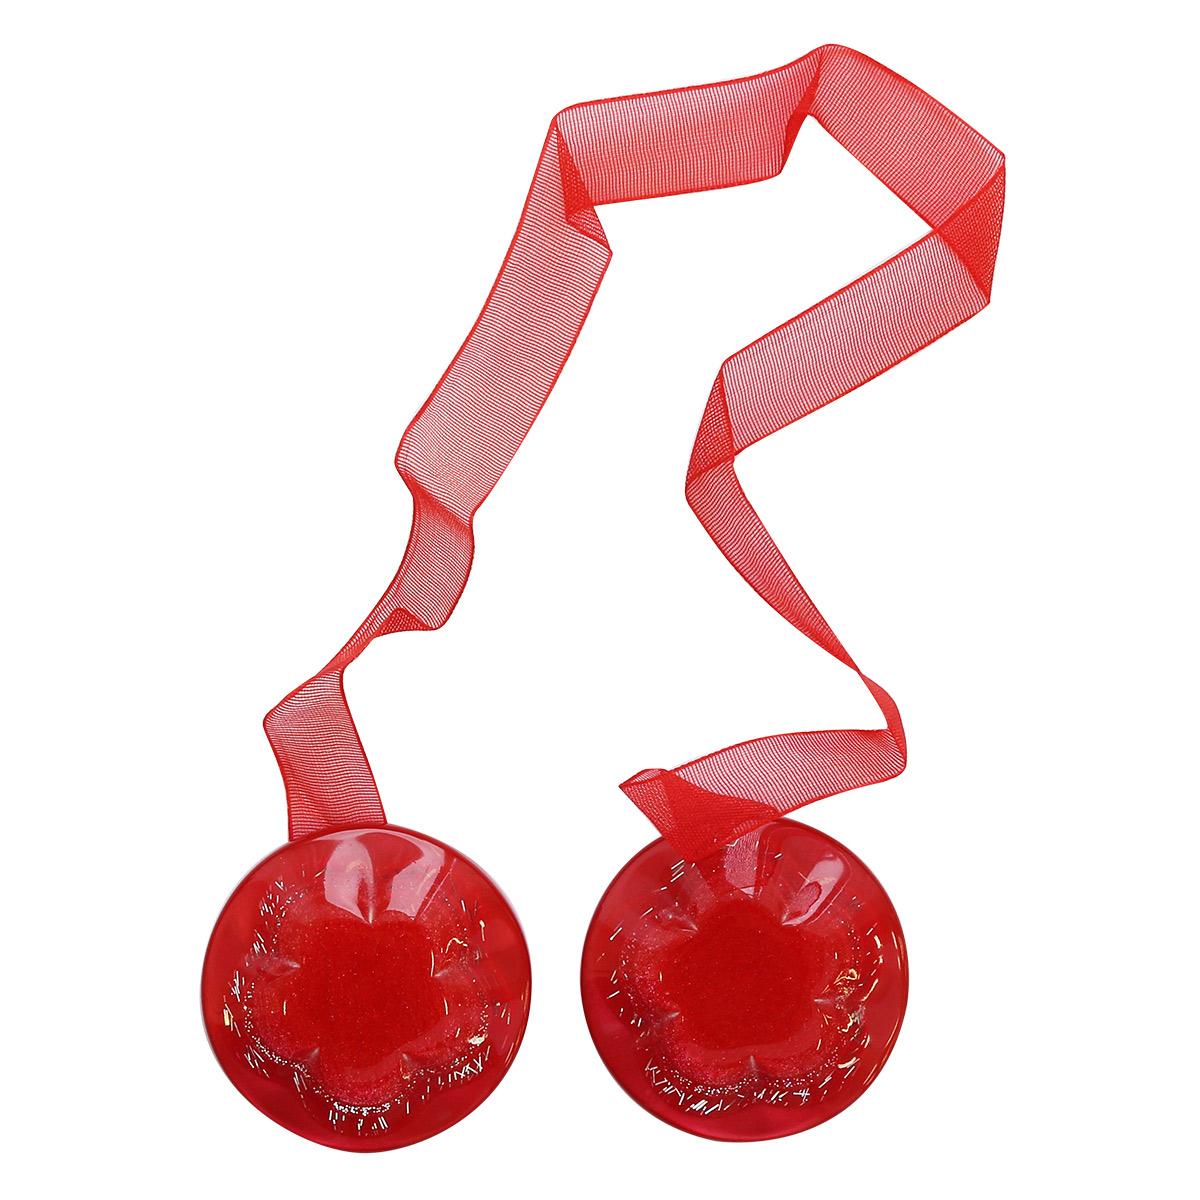 Клипса-магнит для штор круглая с цветком, 1шт/упак